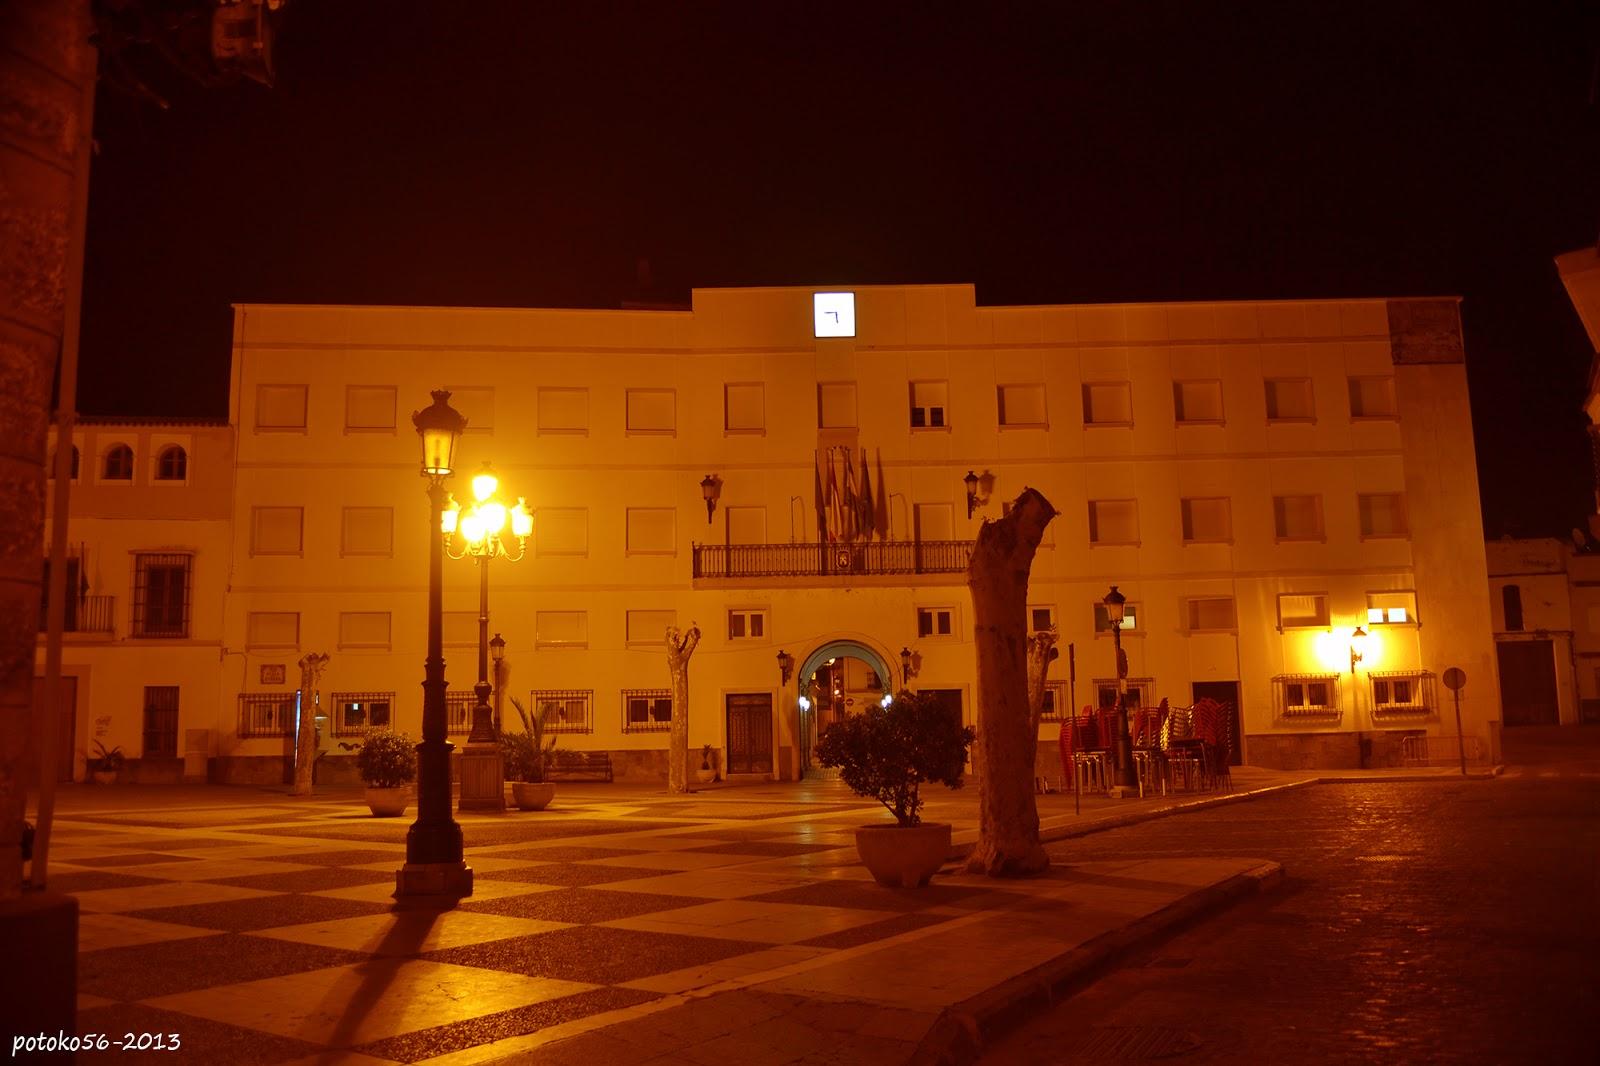 La noche vista de la Plaza de España y Ayuntamiento de Rota